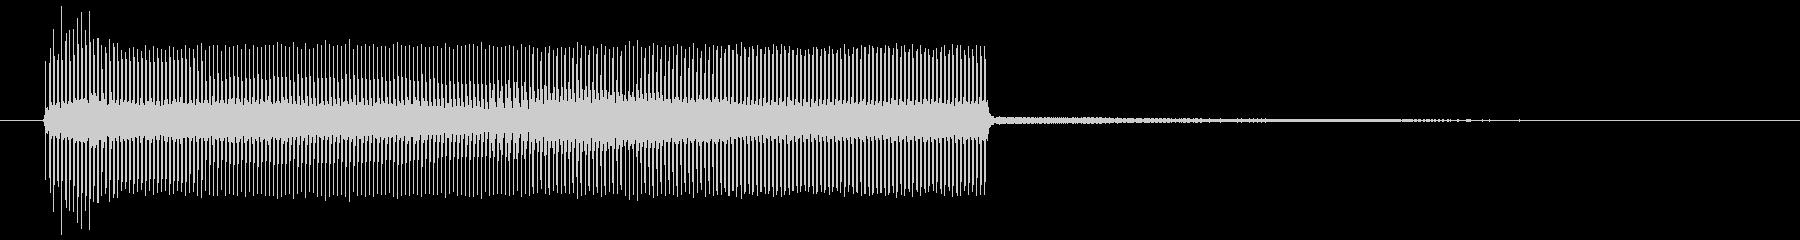 工場ブザー:ショートリング、ブザー...の未再生の波形